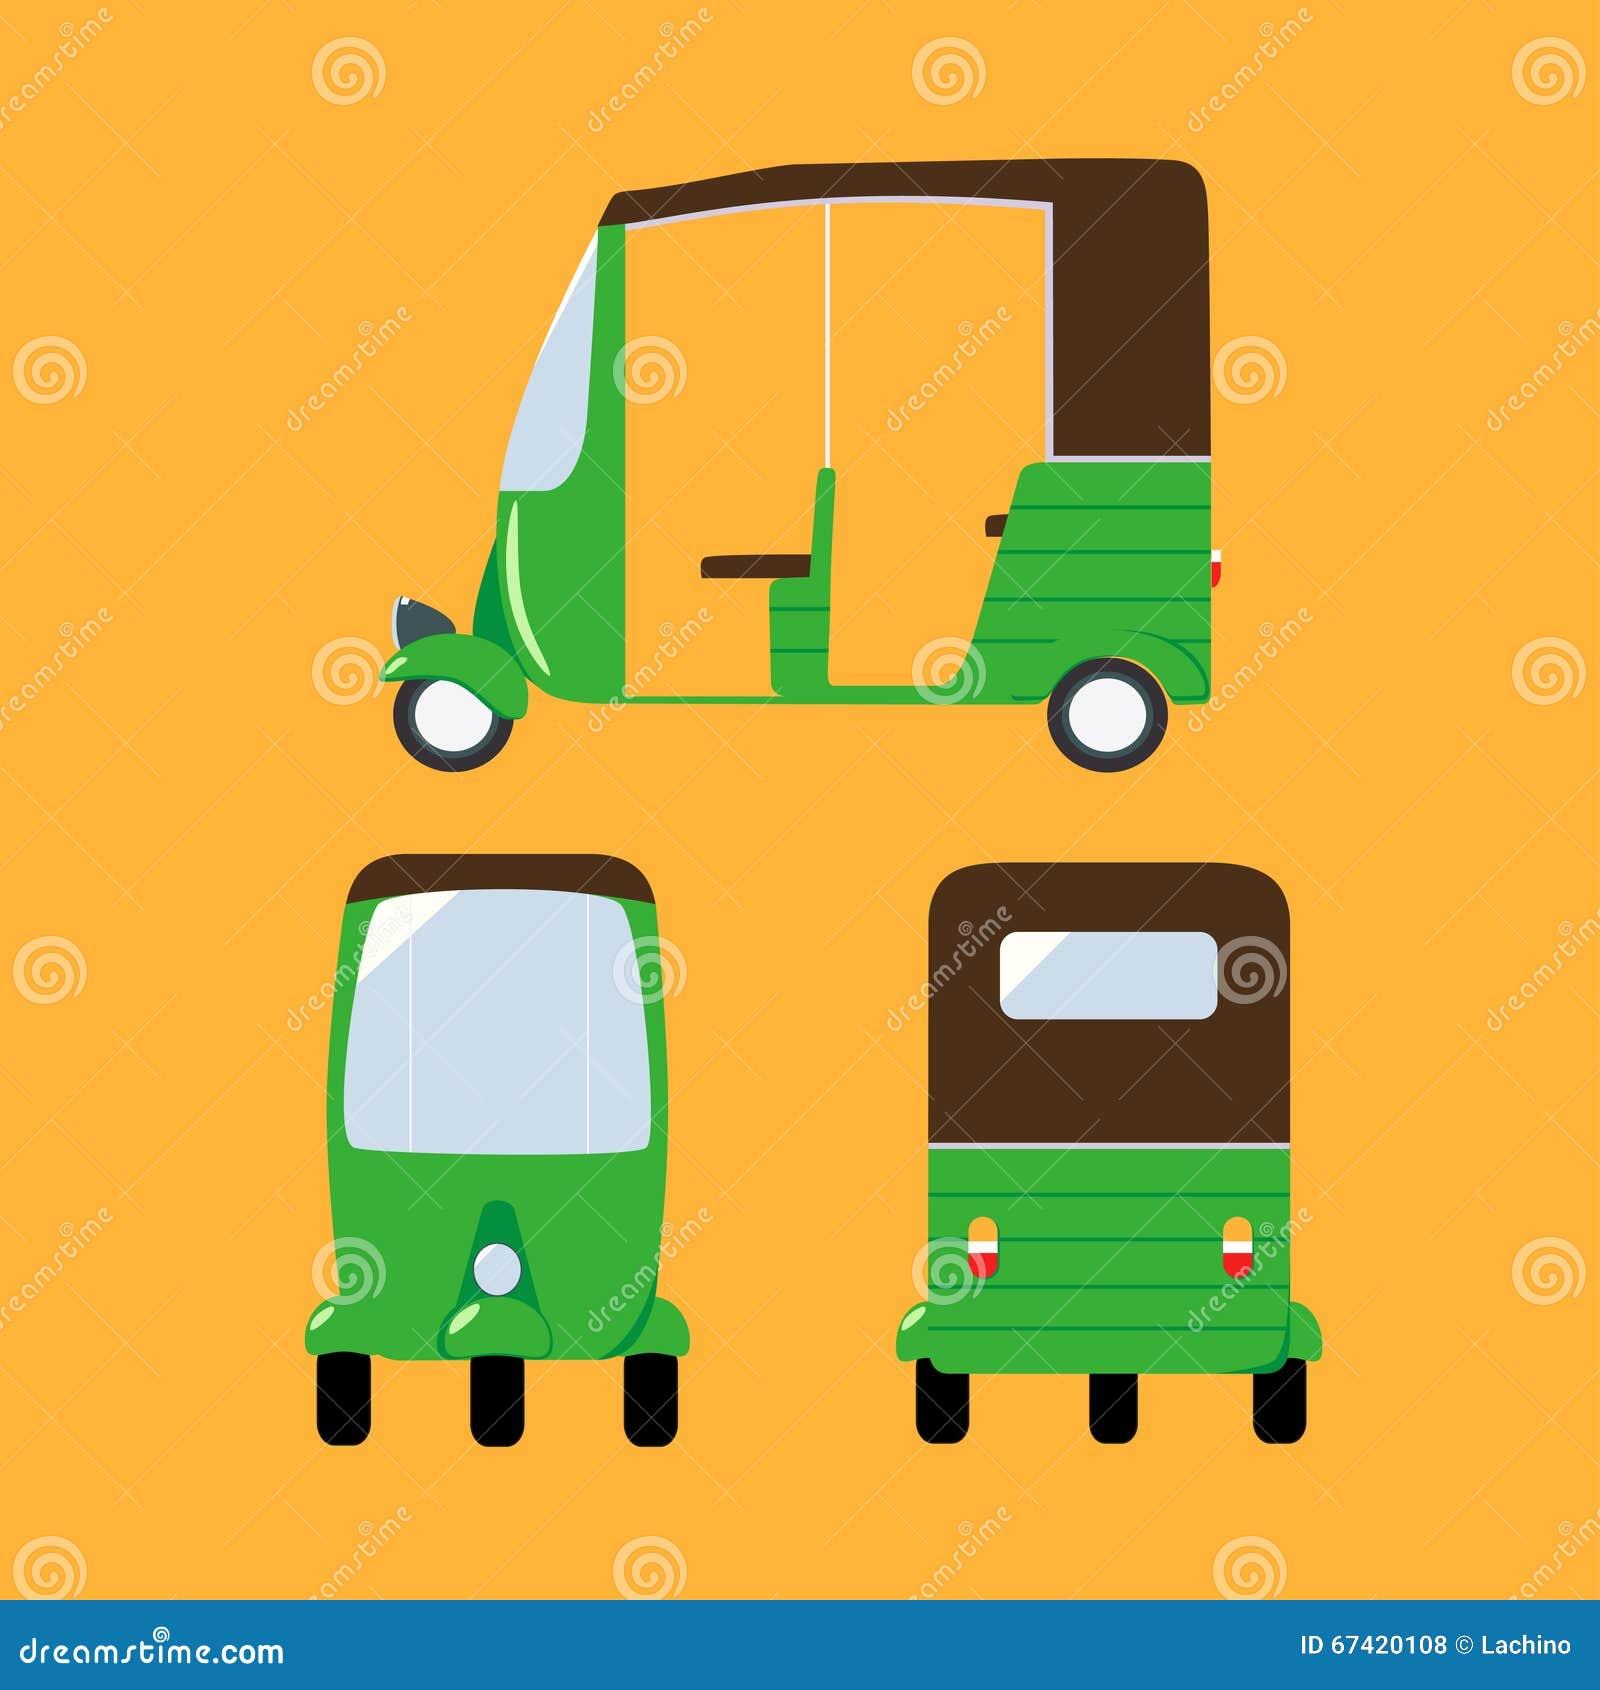 indian transport vector illustration download illustration